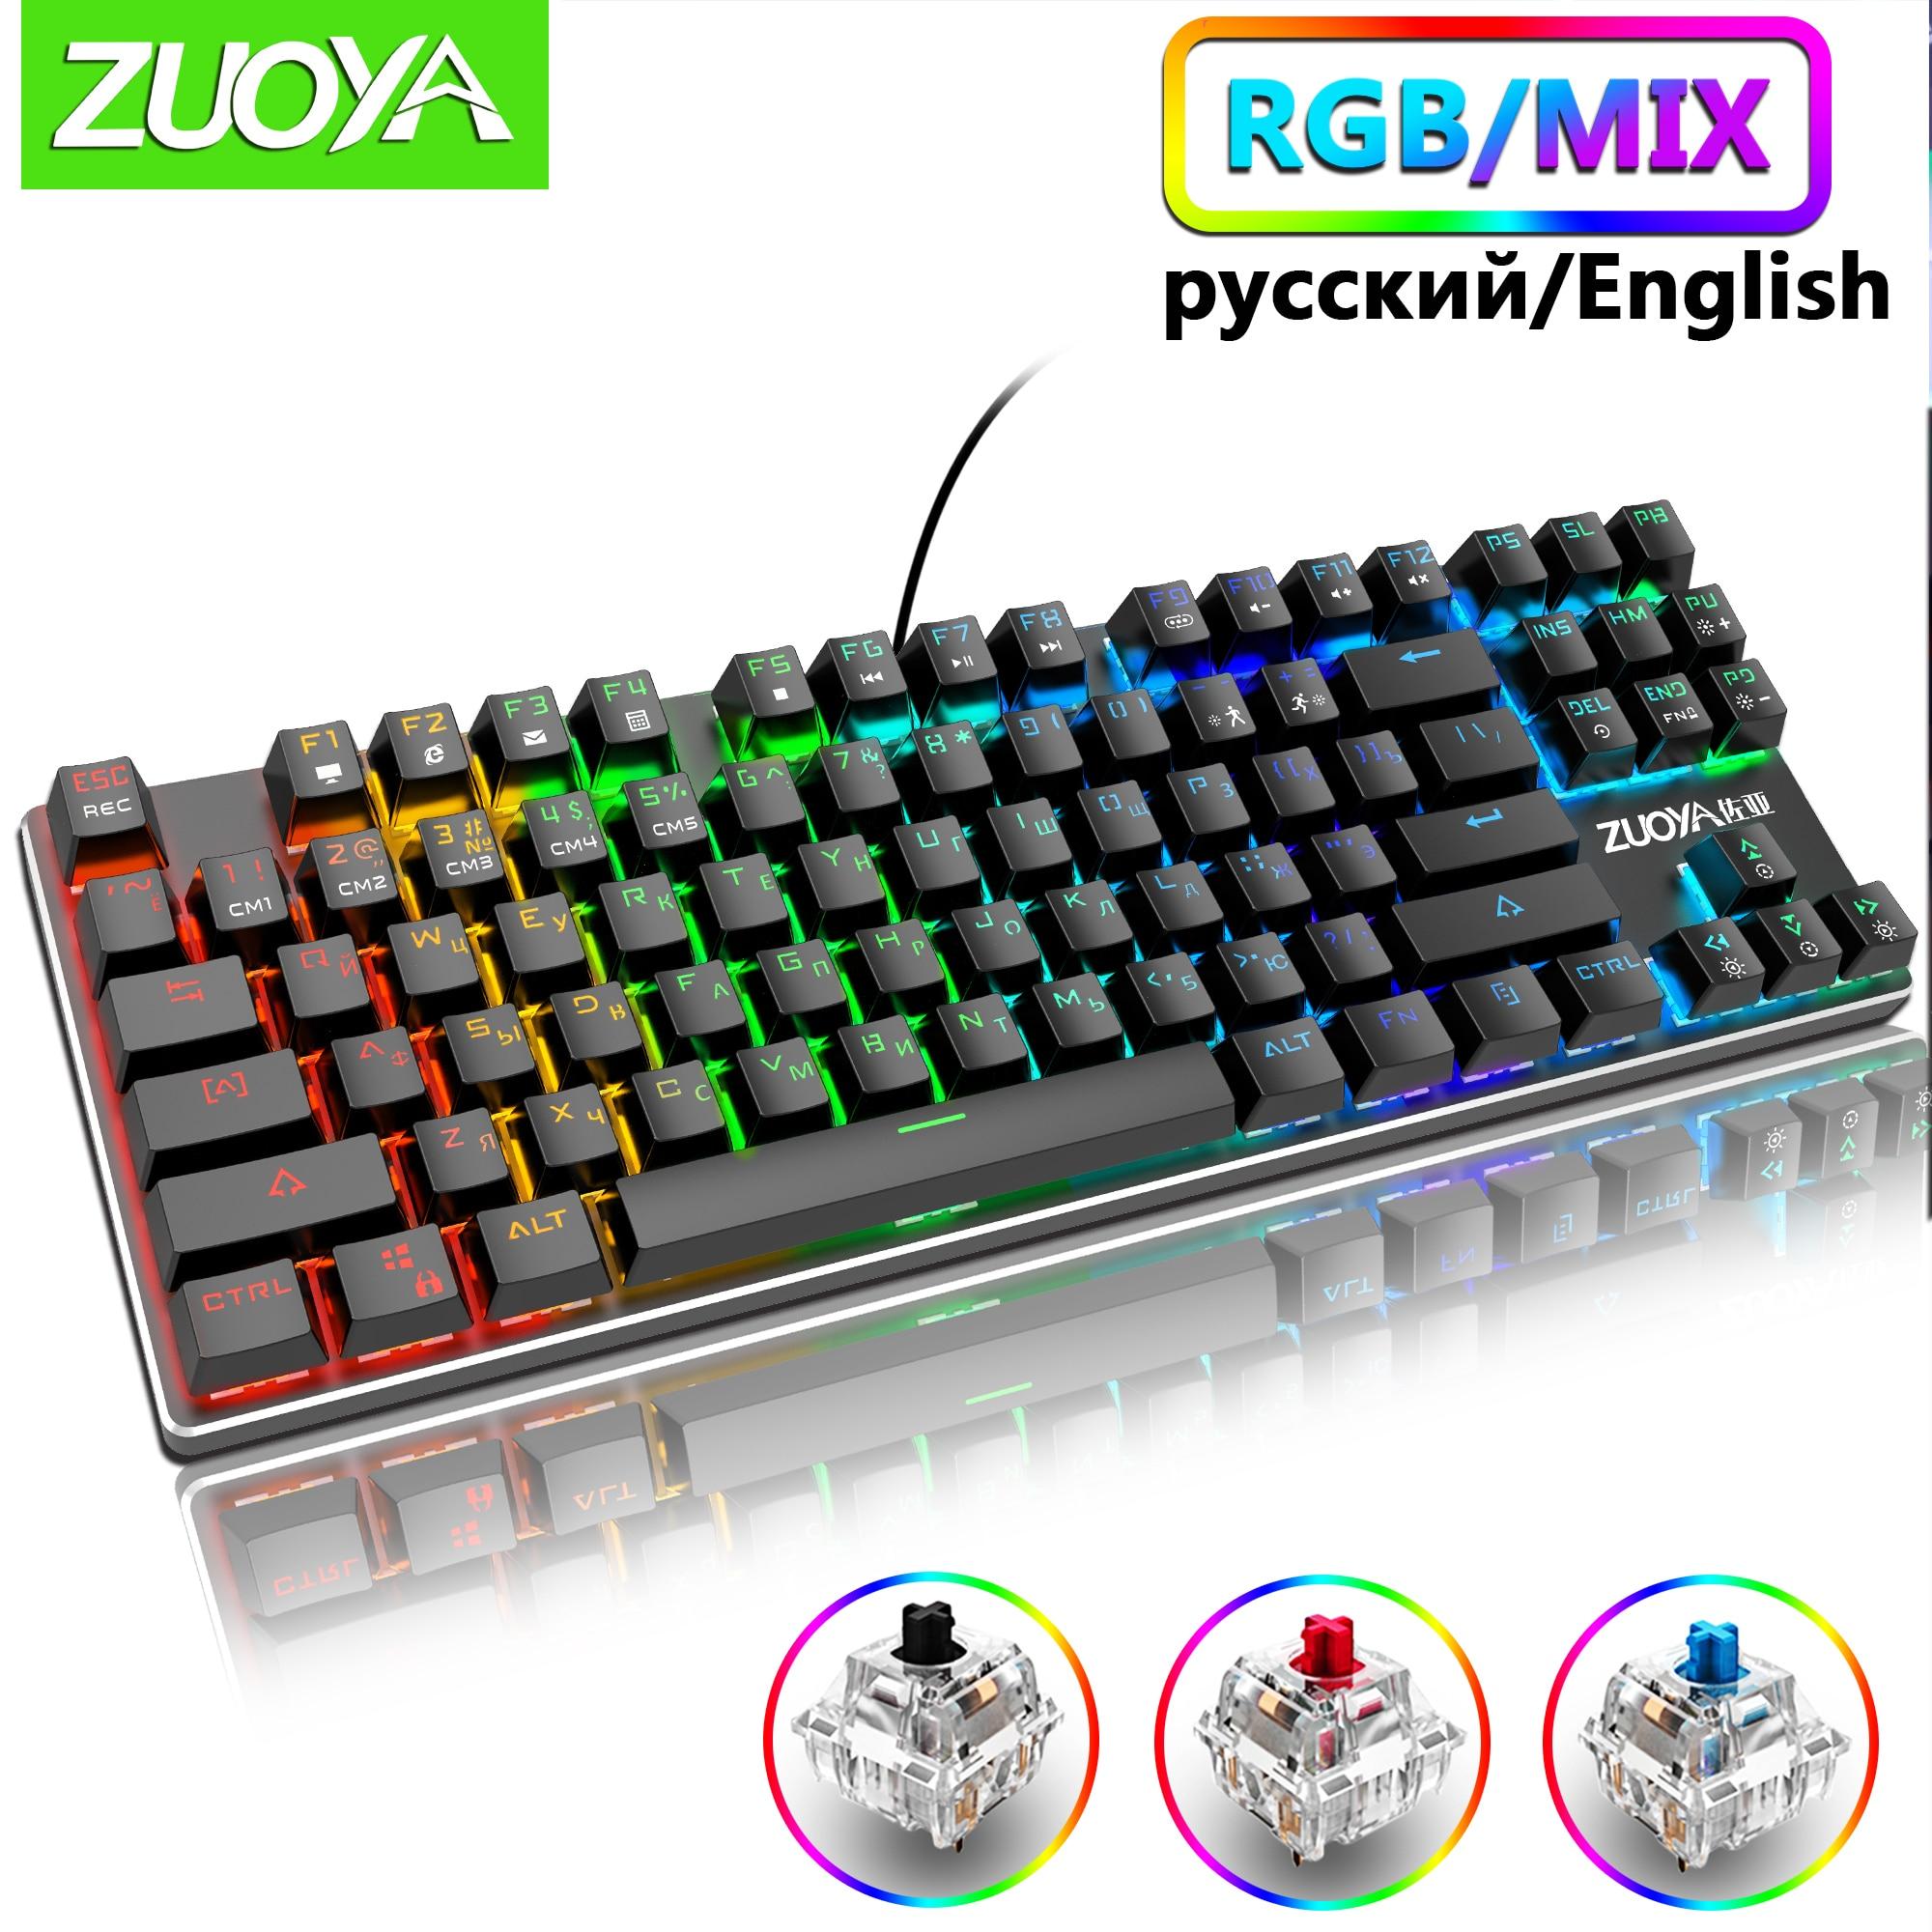 Teclado mecânico com fio usb backlit do teclado do jogo anti-fantasma 87 teclas rgb russo azul vermelho do interruptor para o computador portátil do jogador